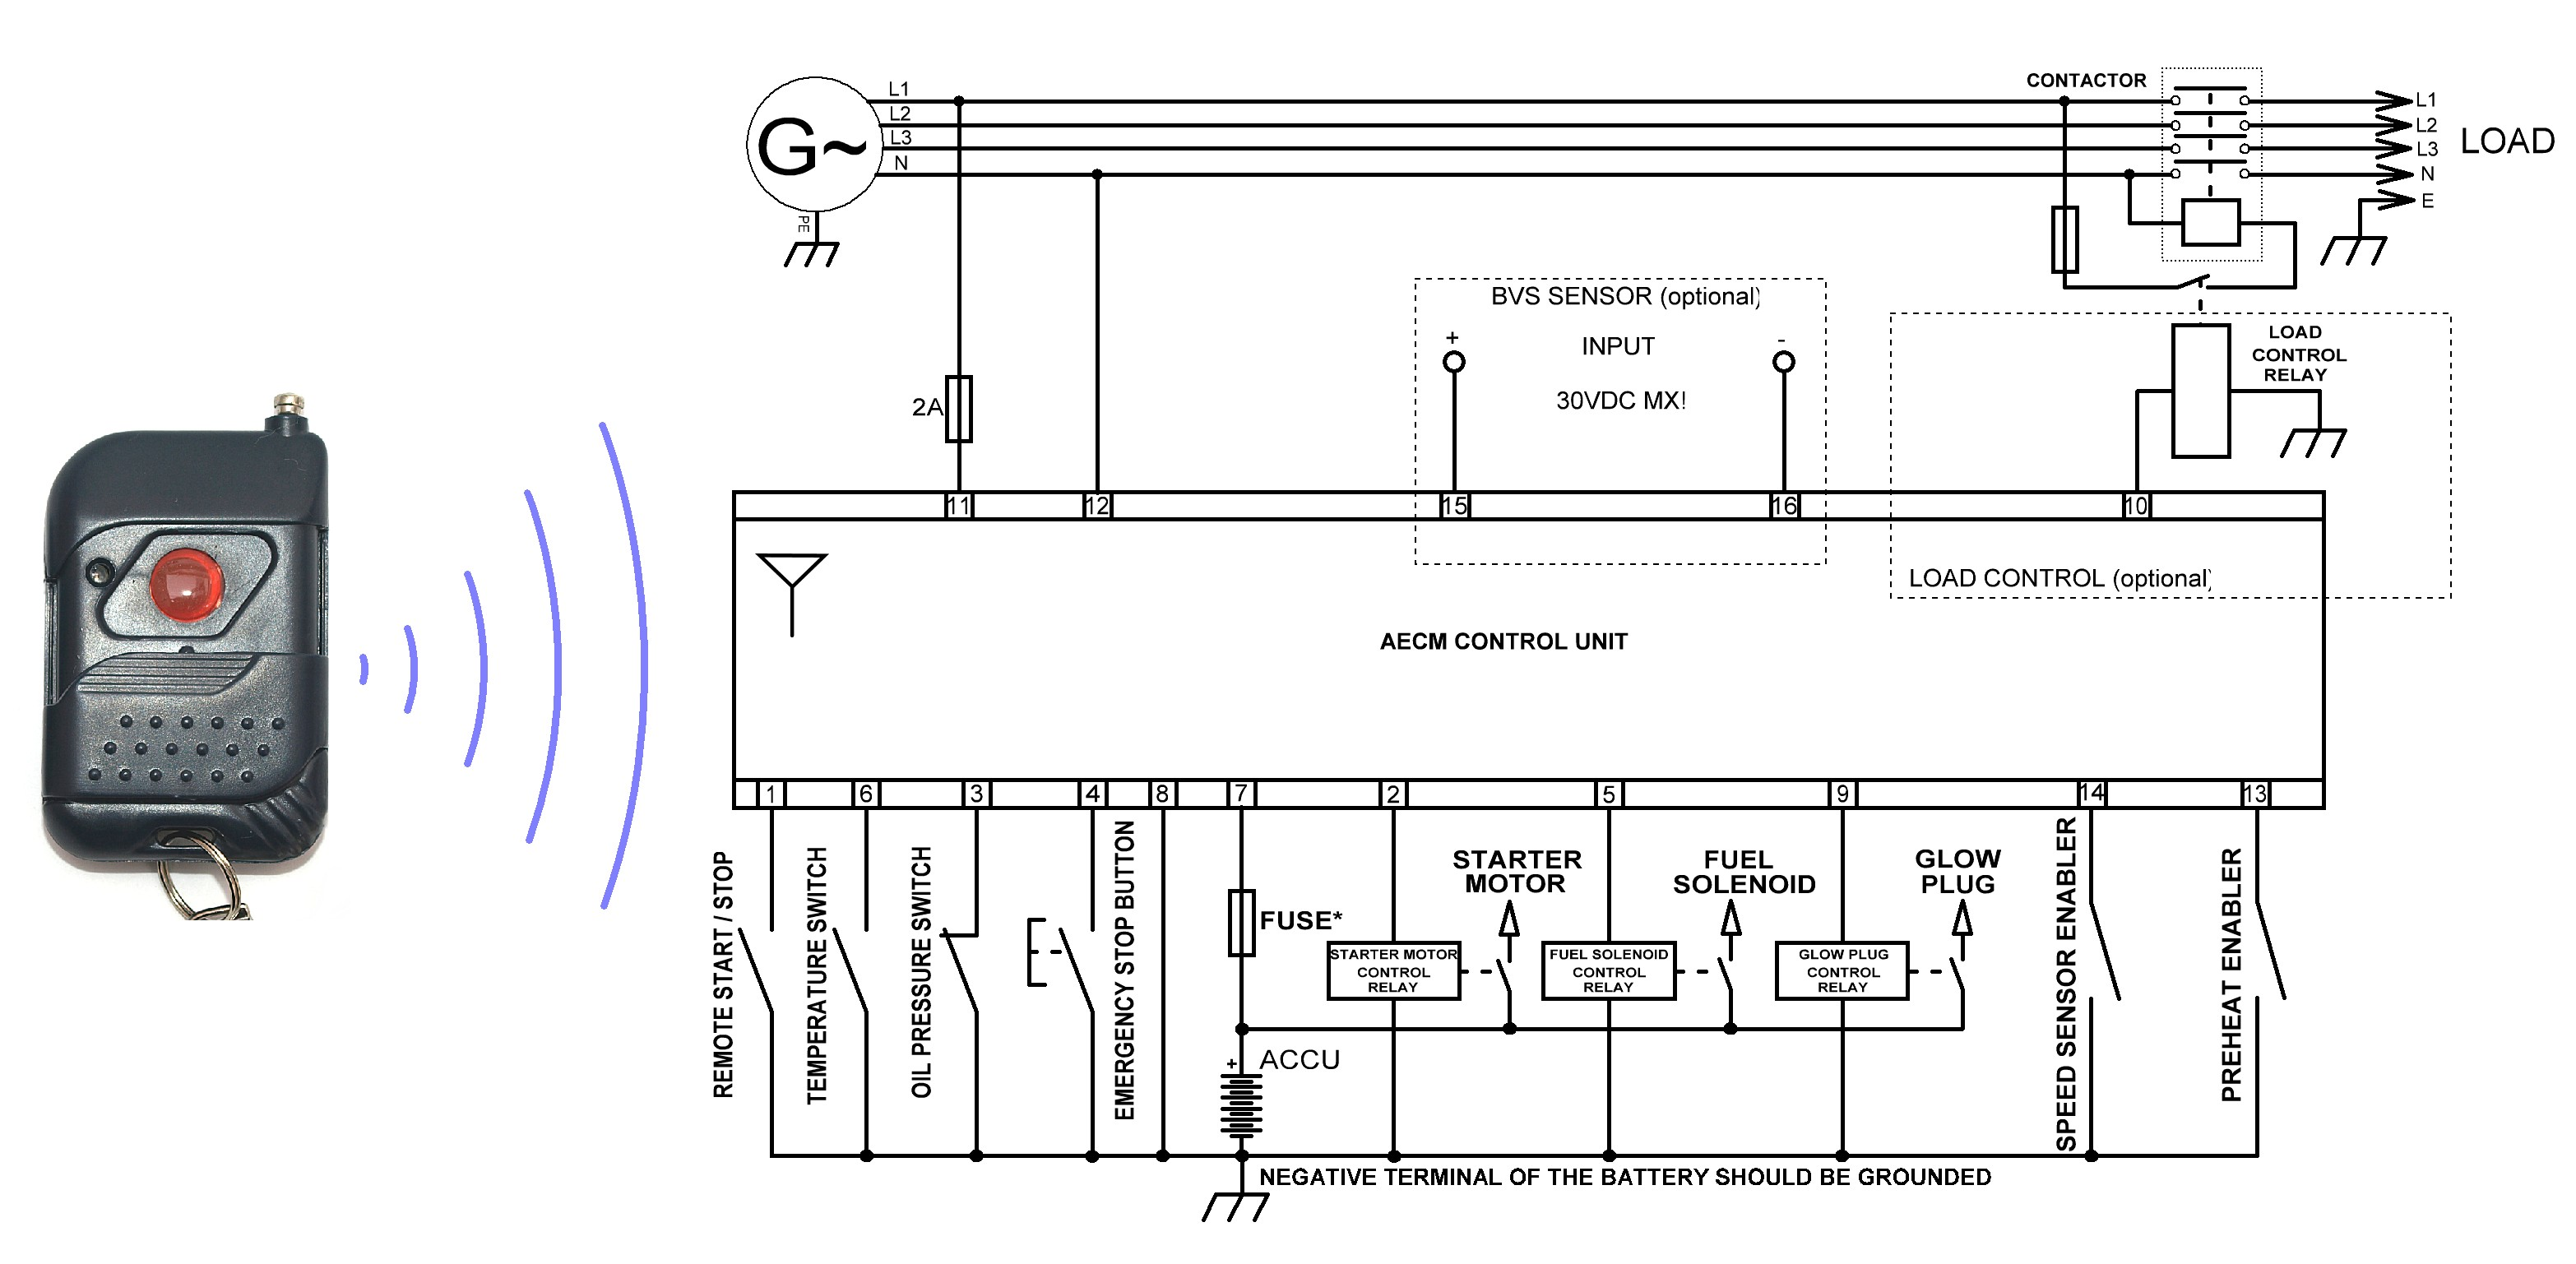 Mirage Wiring Diagram